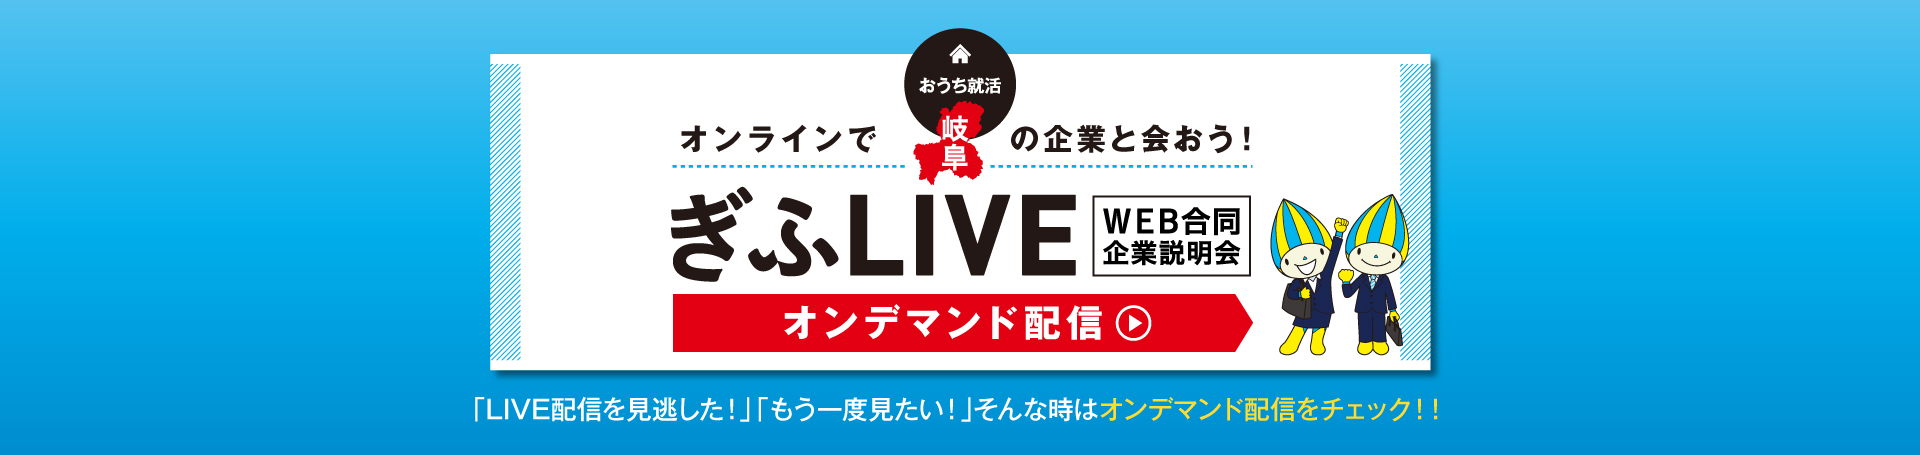 2021年卒向け!オンラインで岐阜の企業と会おう!ぎふLIVE。WEB合同企業説明会。見逃してもオンデマンド配信で動画を見ることが出来ます。